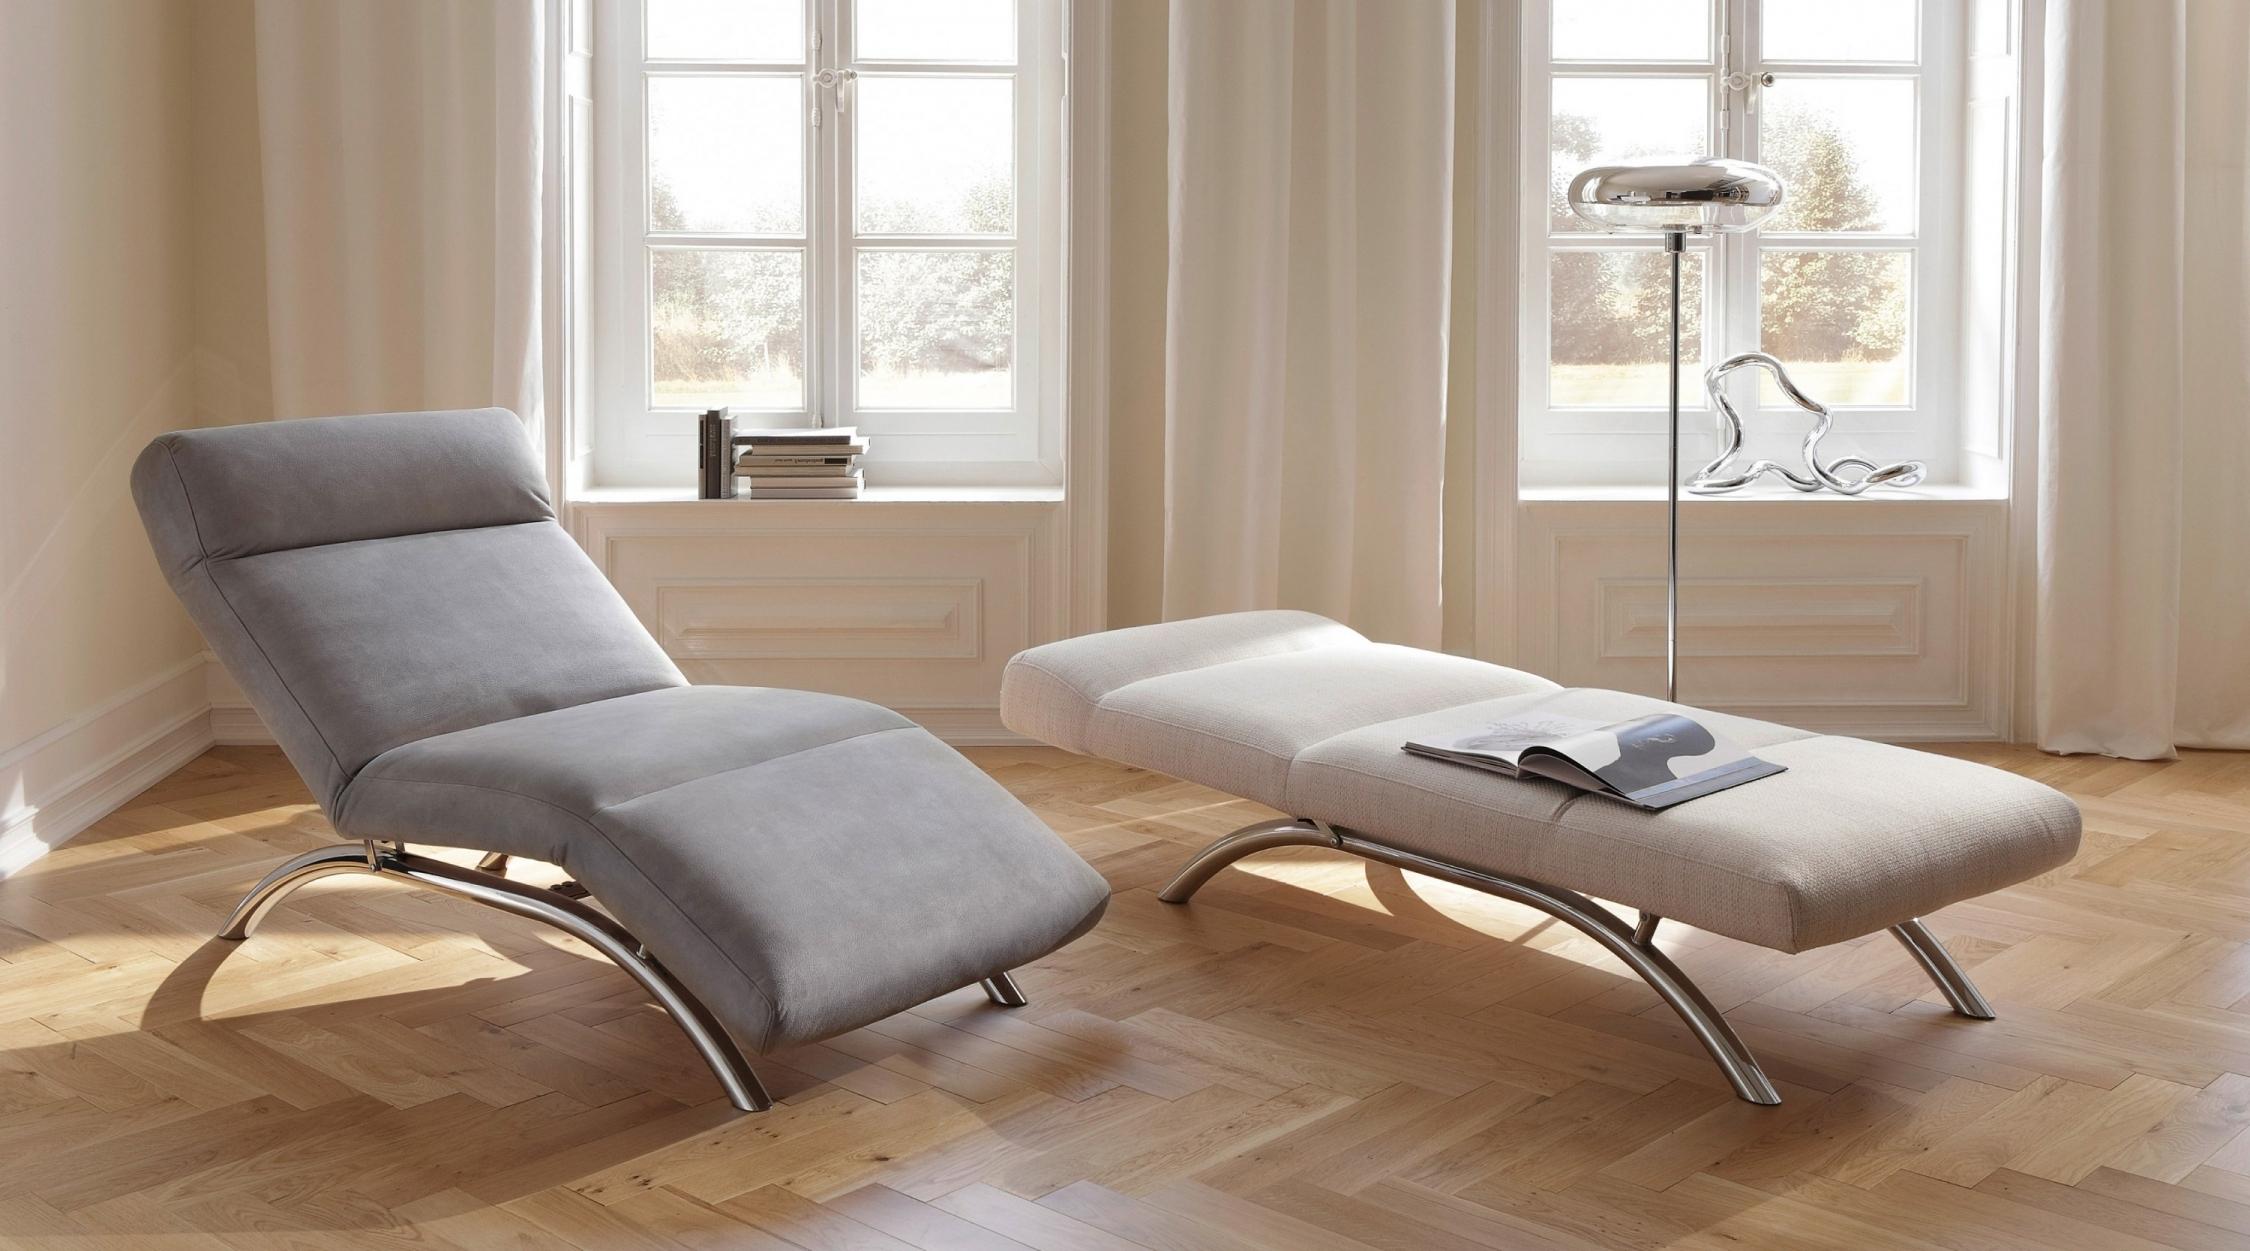 Full Size of Wohnzimmer Liege Designer Liegen Leder Liegestuhl Ikea Stylische Liegewiese Relax Moderne Relaxliege Fuumlr Einzigartig Fotografie Komplett Deckenlampen Modern Wohnzimmer Wohnzimmer Liege